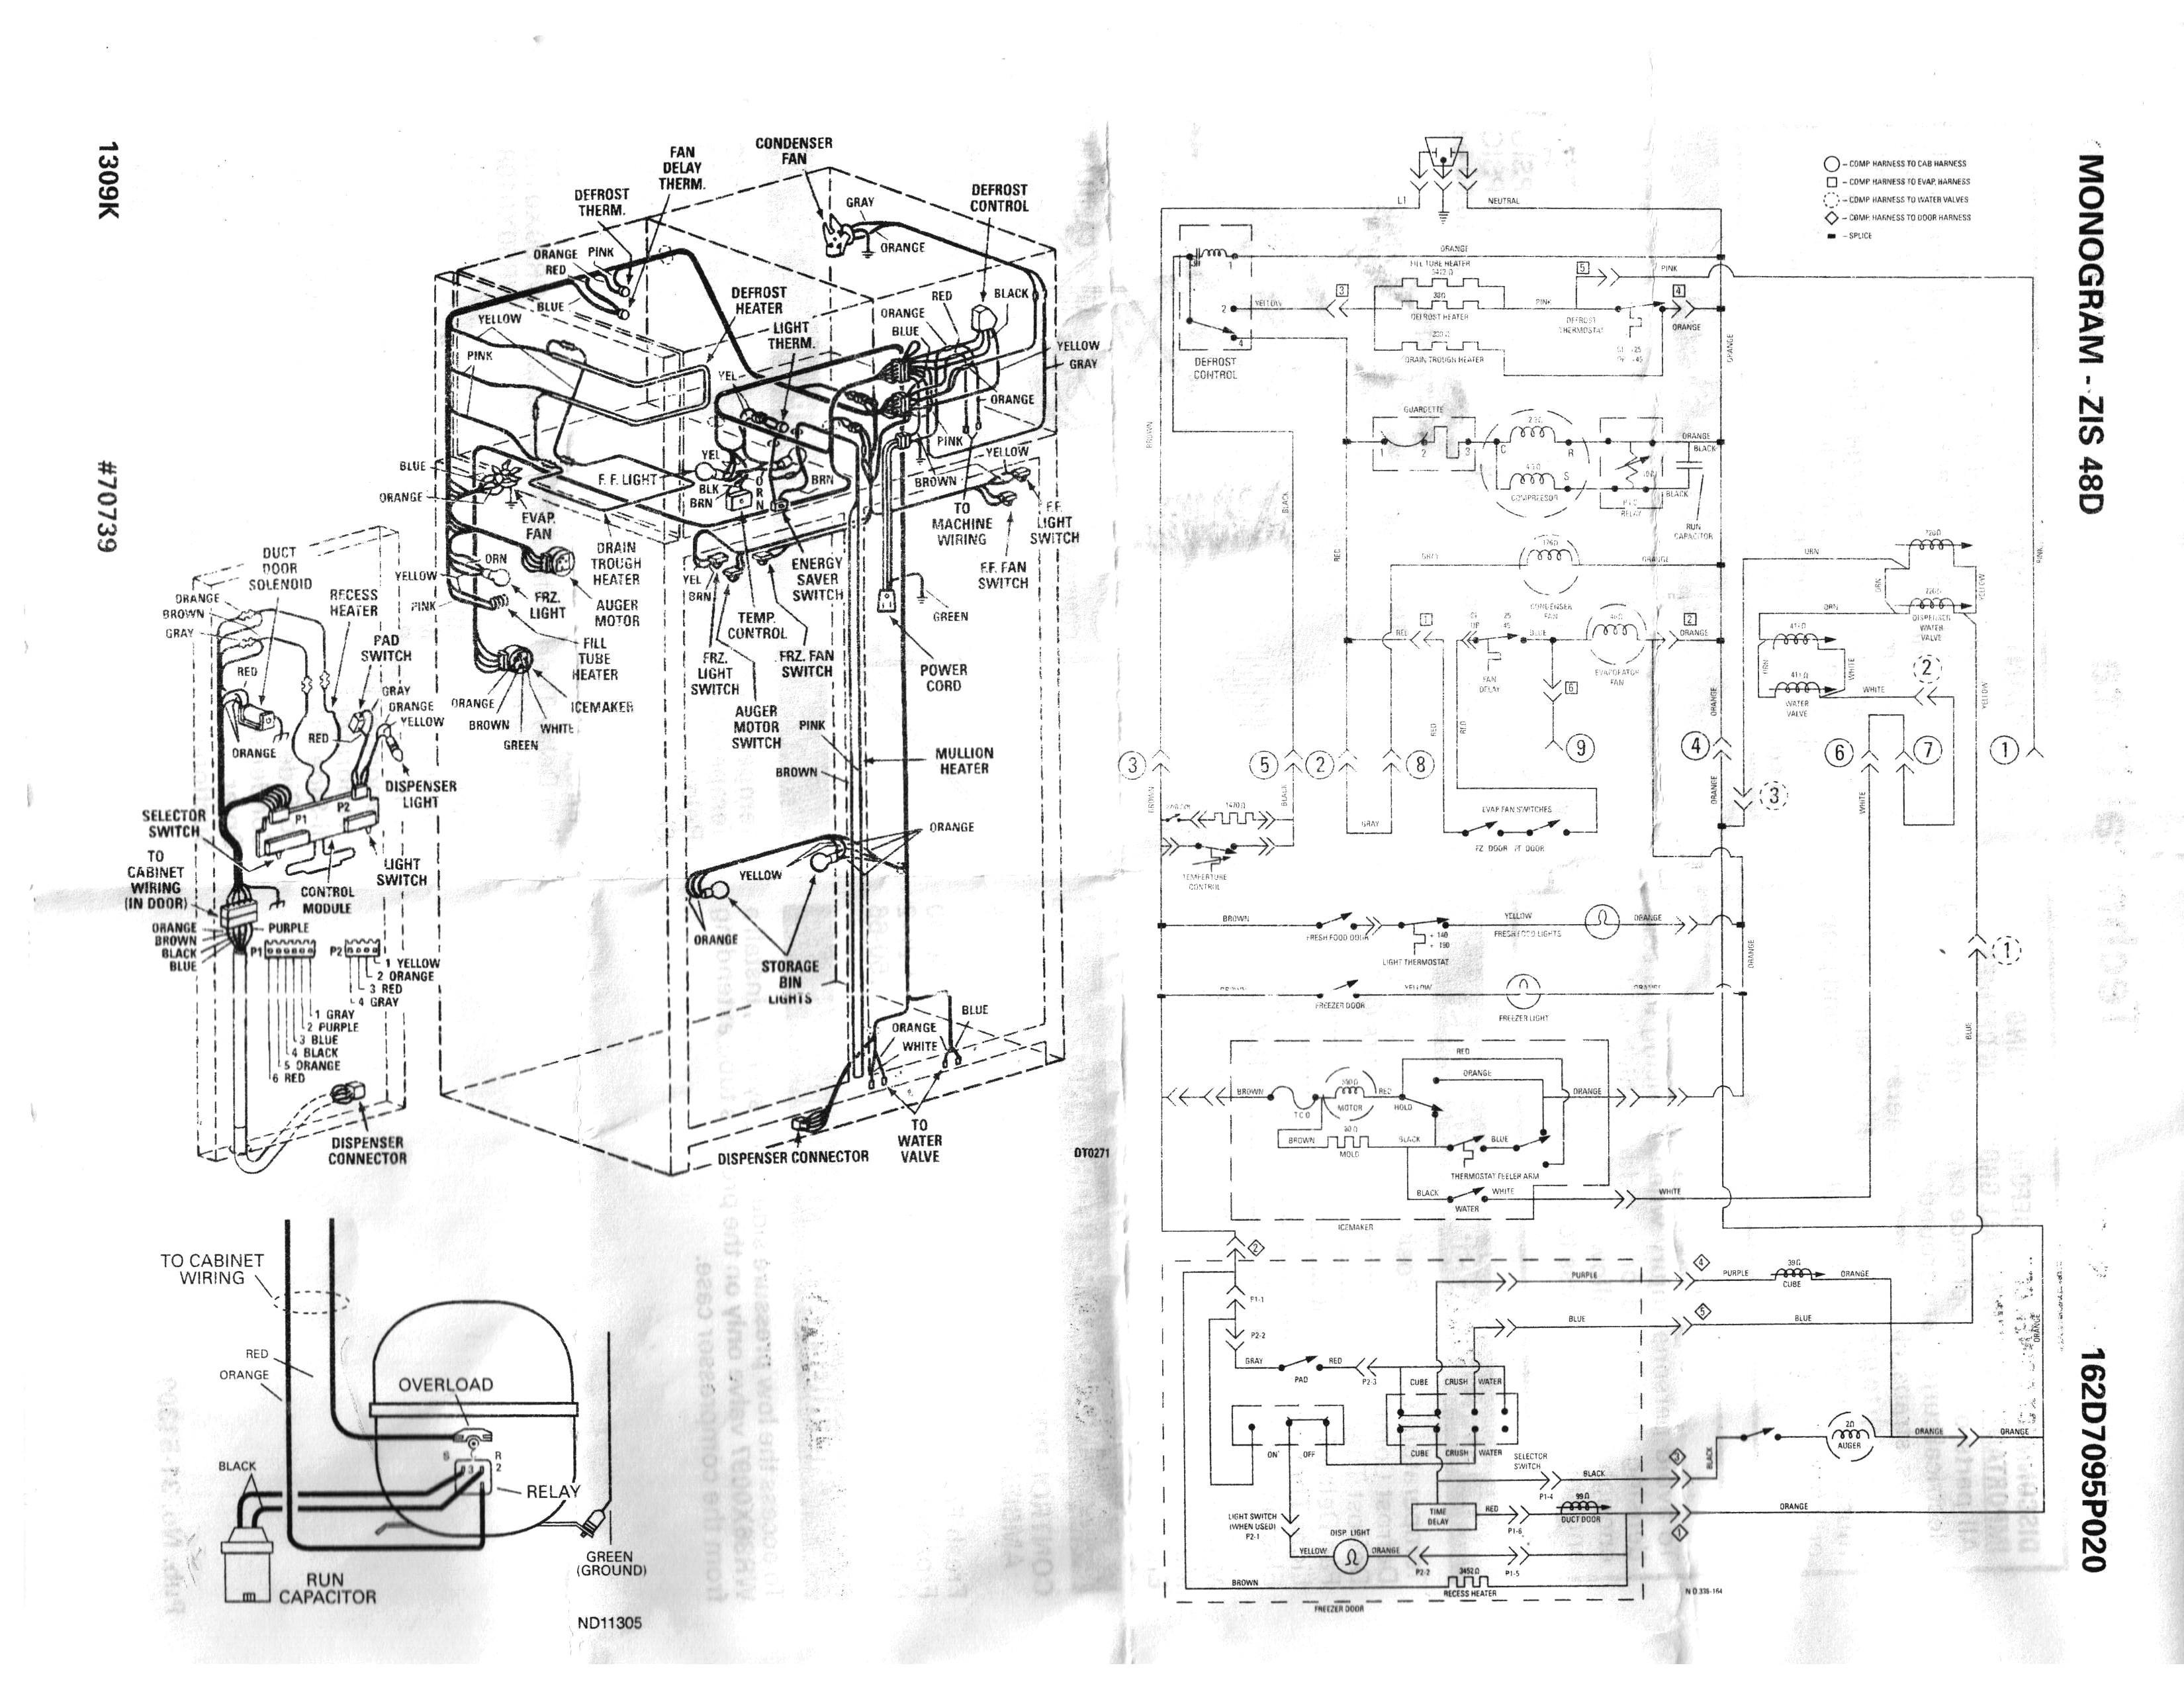 Wiring Diagram for Frigidaire Refrigerator 1948 Ge Refrigerator Schematic Of Wiring Diagram for Frigidaire Refrigerator